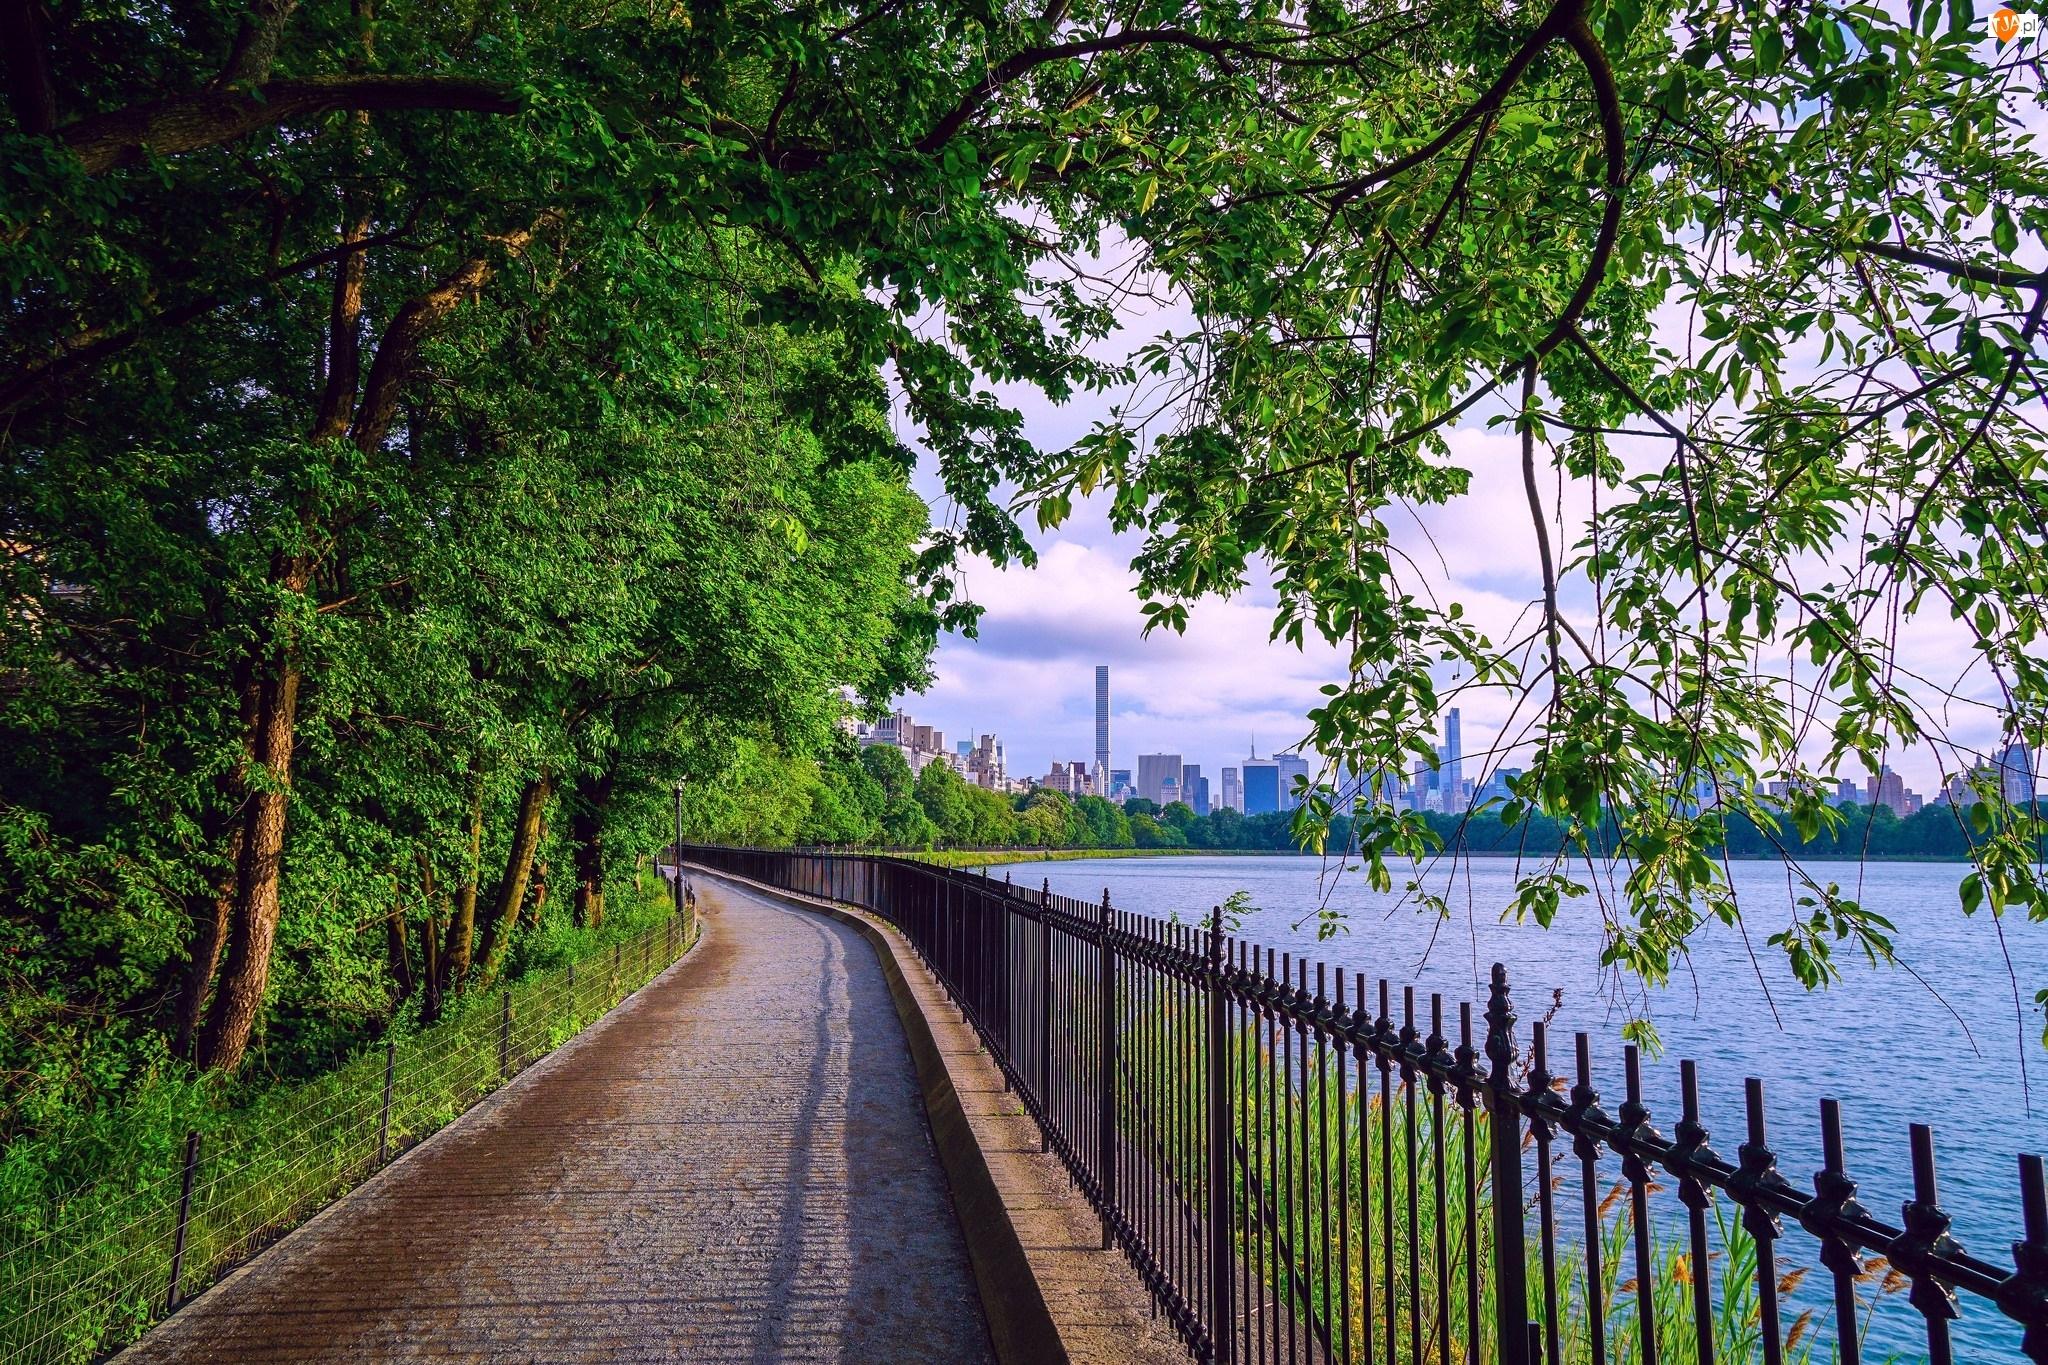 Miasto, Bulwar, Drzewa, Ogrodzenie, Rzeka